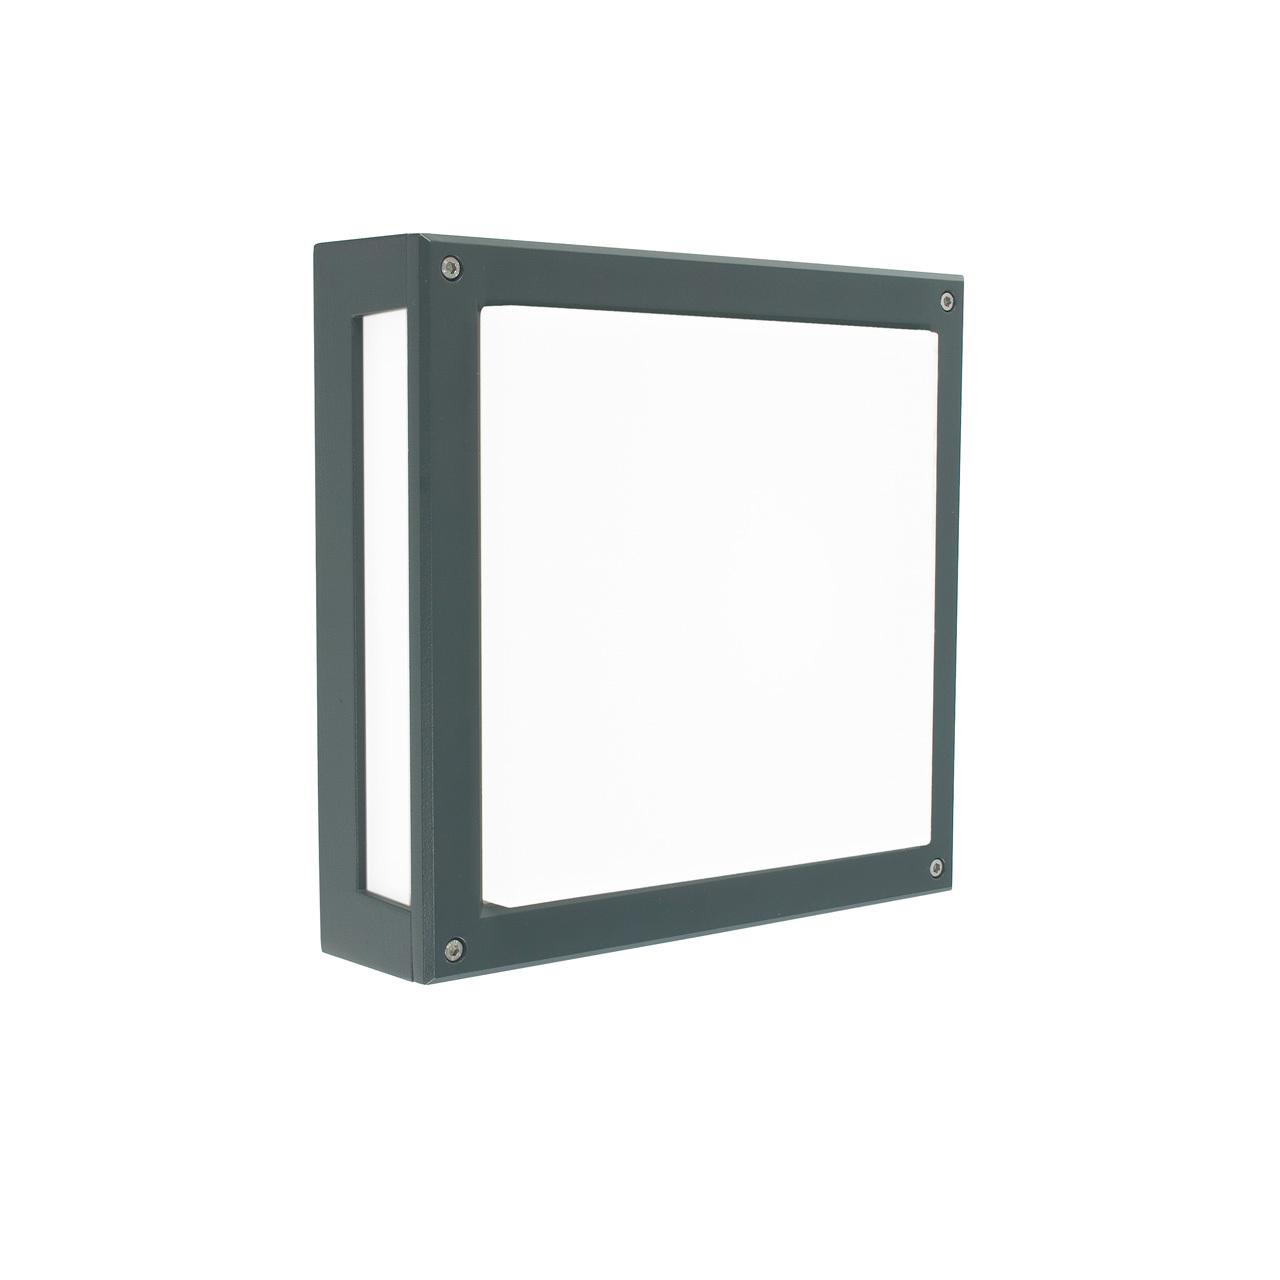 Lampa ścienna NORDLAND LED HF 5040GR -Norlys  SPRAWDŹ RABATY  5-10-15-20 % w koszyku